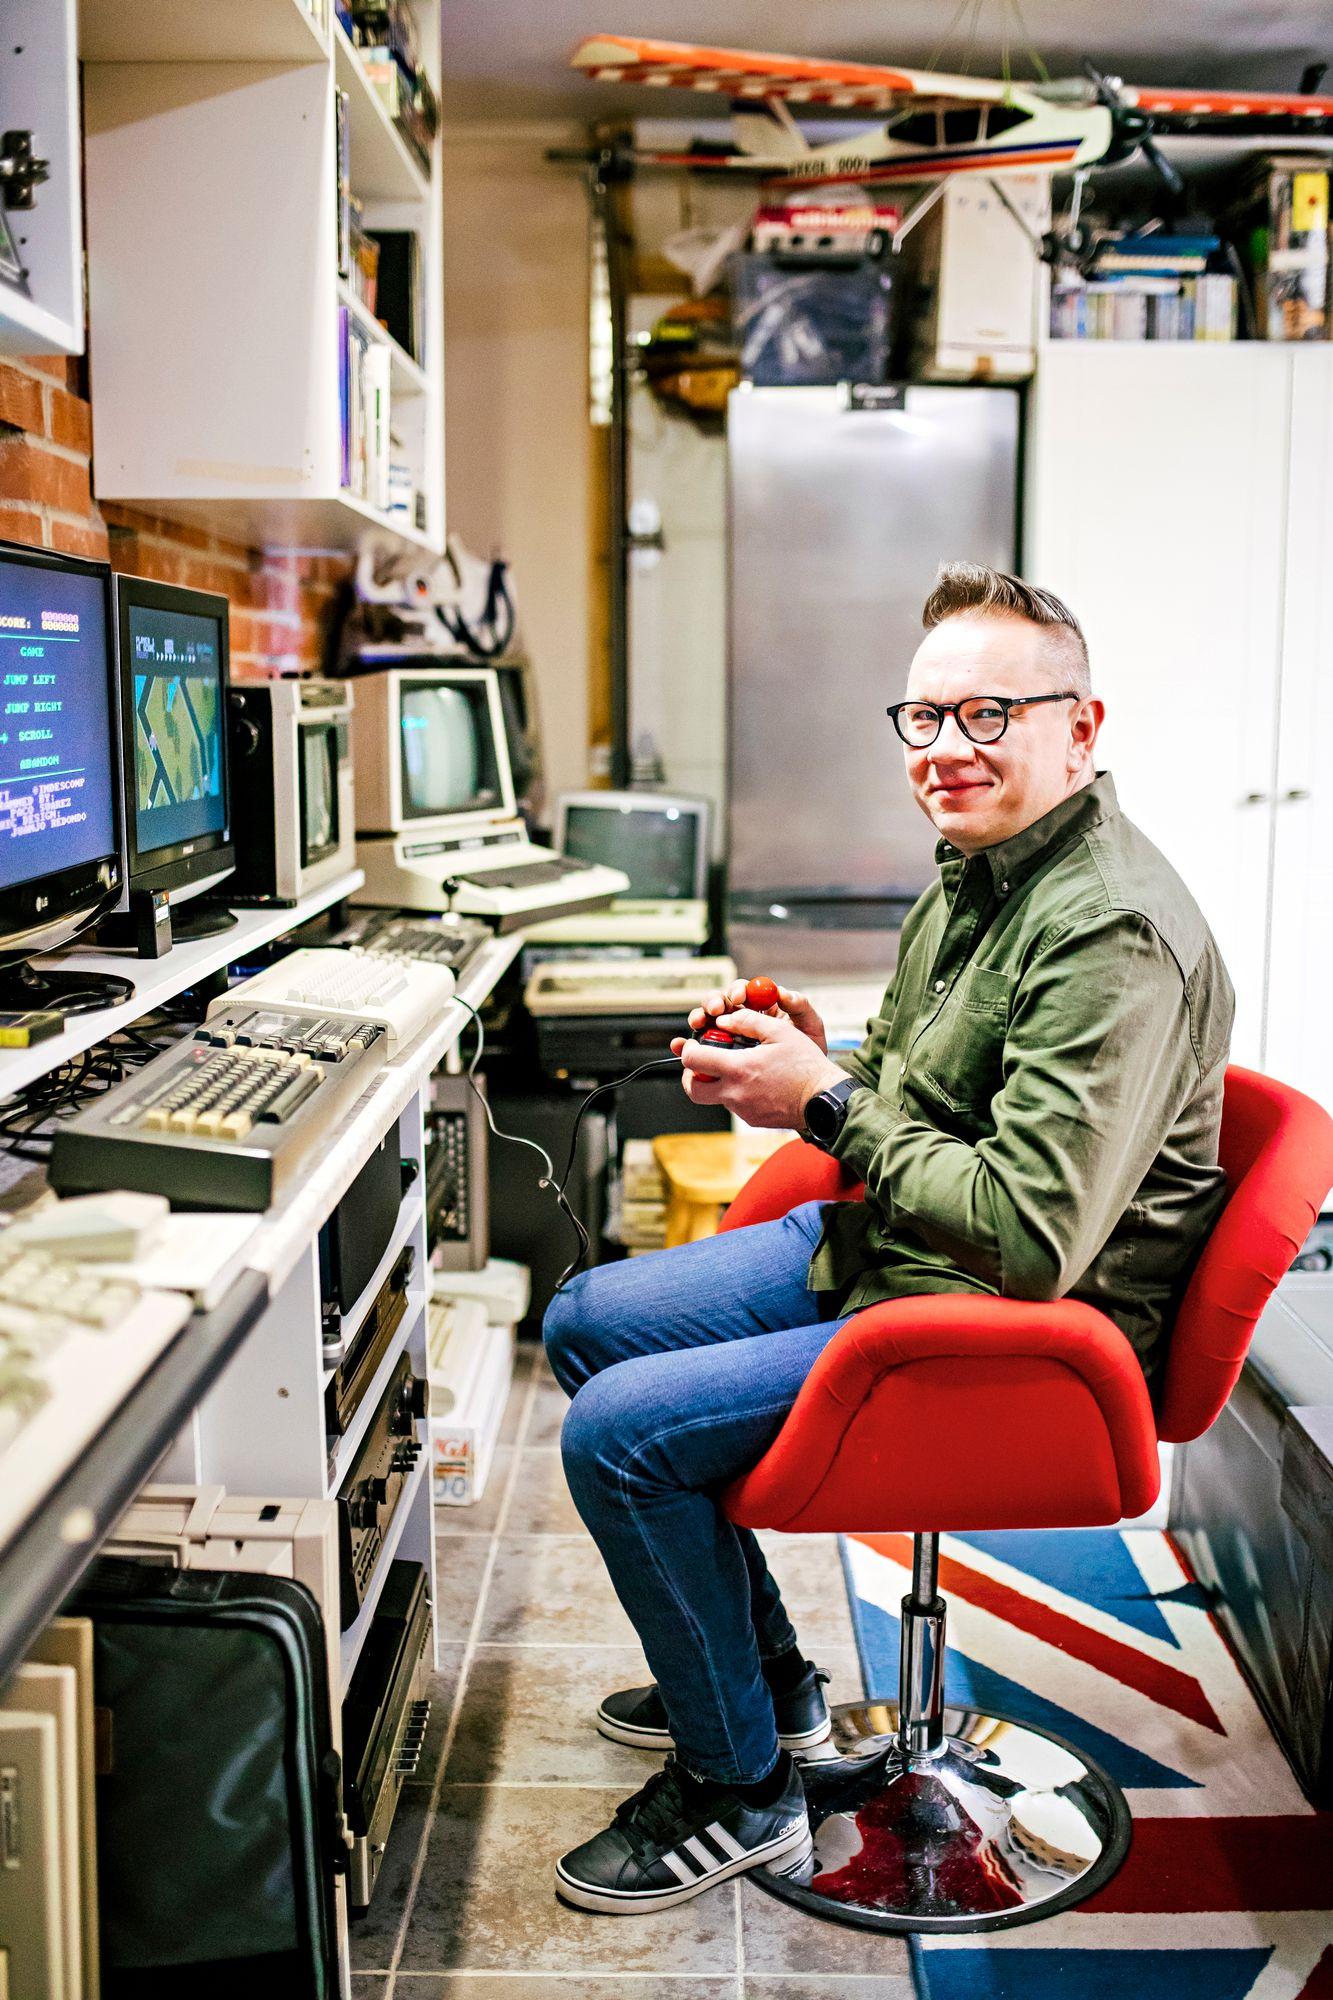 """Seinäjoella asuvan Marko Santamäen """"miesluolasta"""" löytyy 150 erilaista 80-luvun laitetta, suurin osa kokoelmasta on erilaisia Commodoren koneita sekä niihin kuuluvia pelejä. Täällä hän rentoutuu sekä yksin että kavereiden kanssa. © Krista Luoma"""